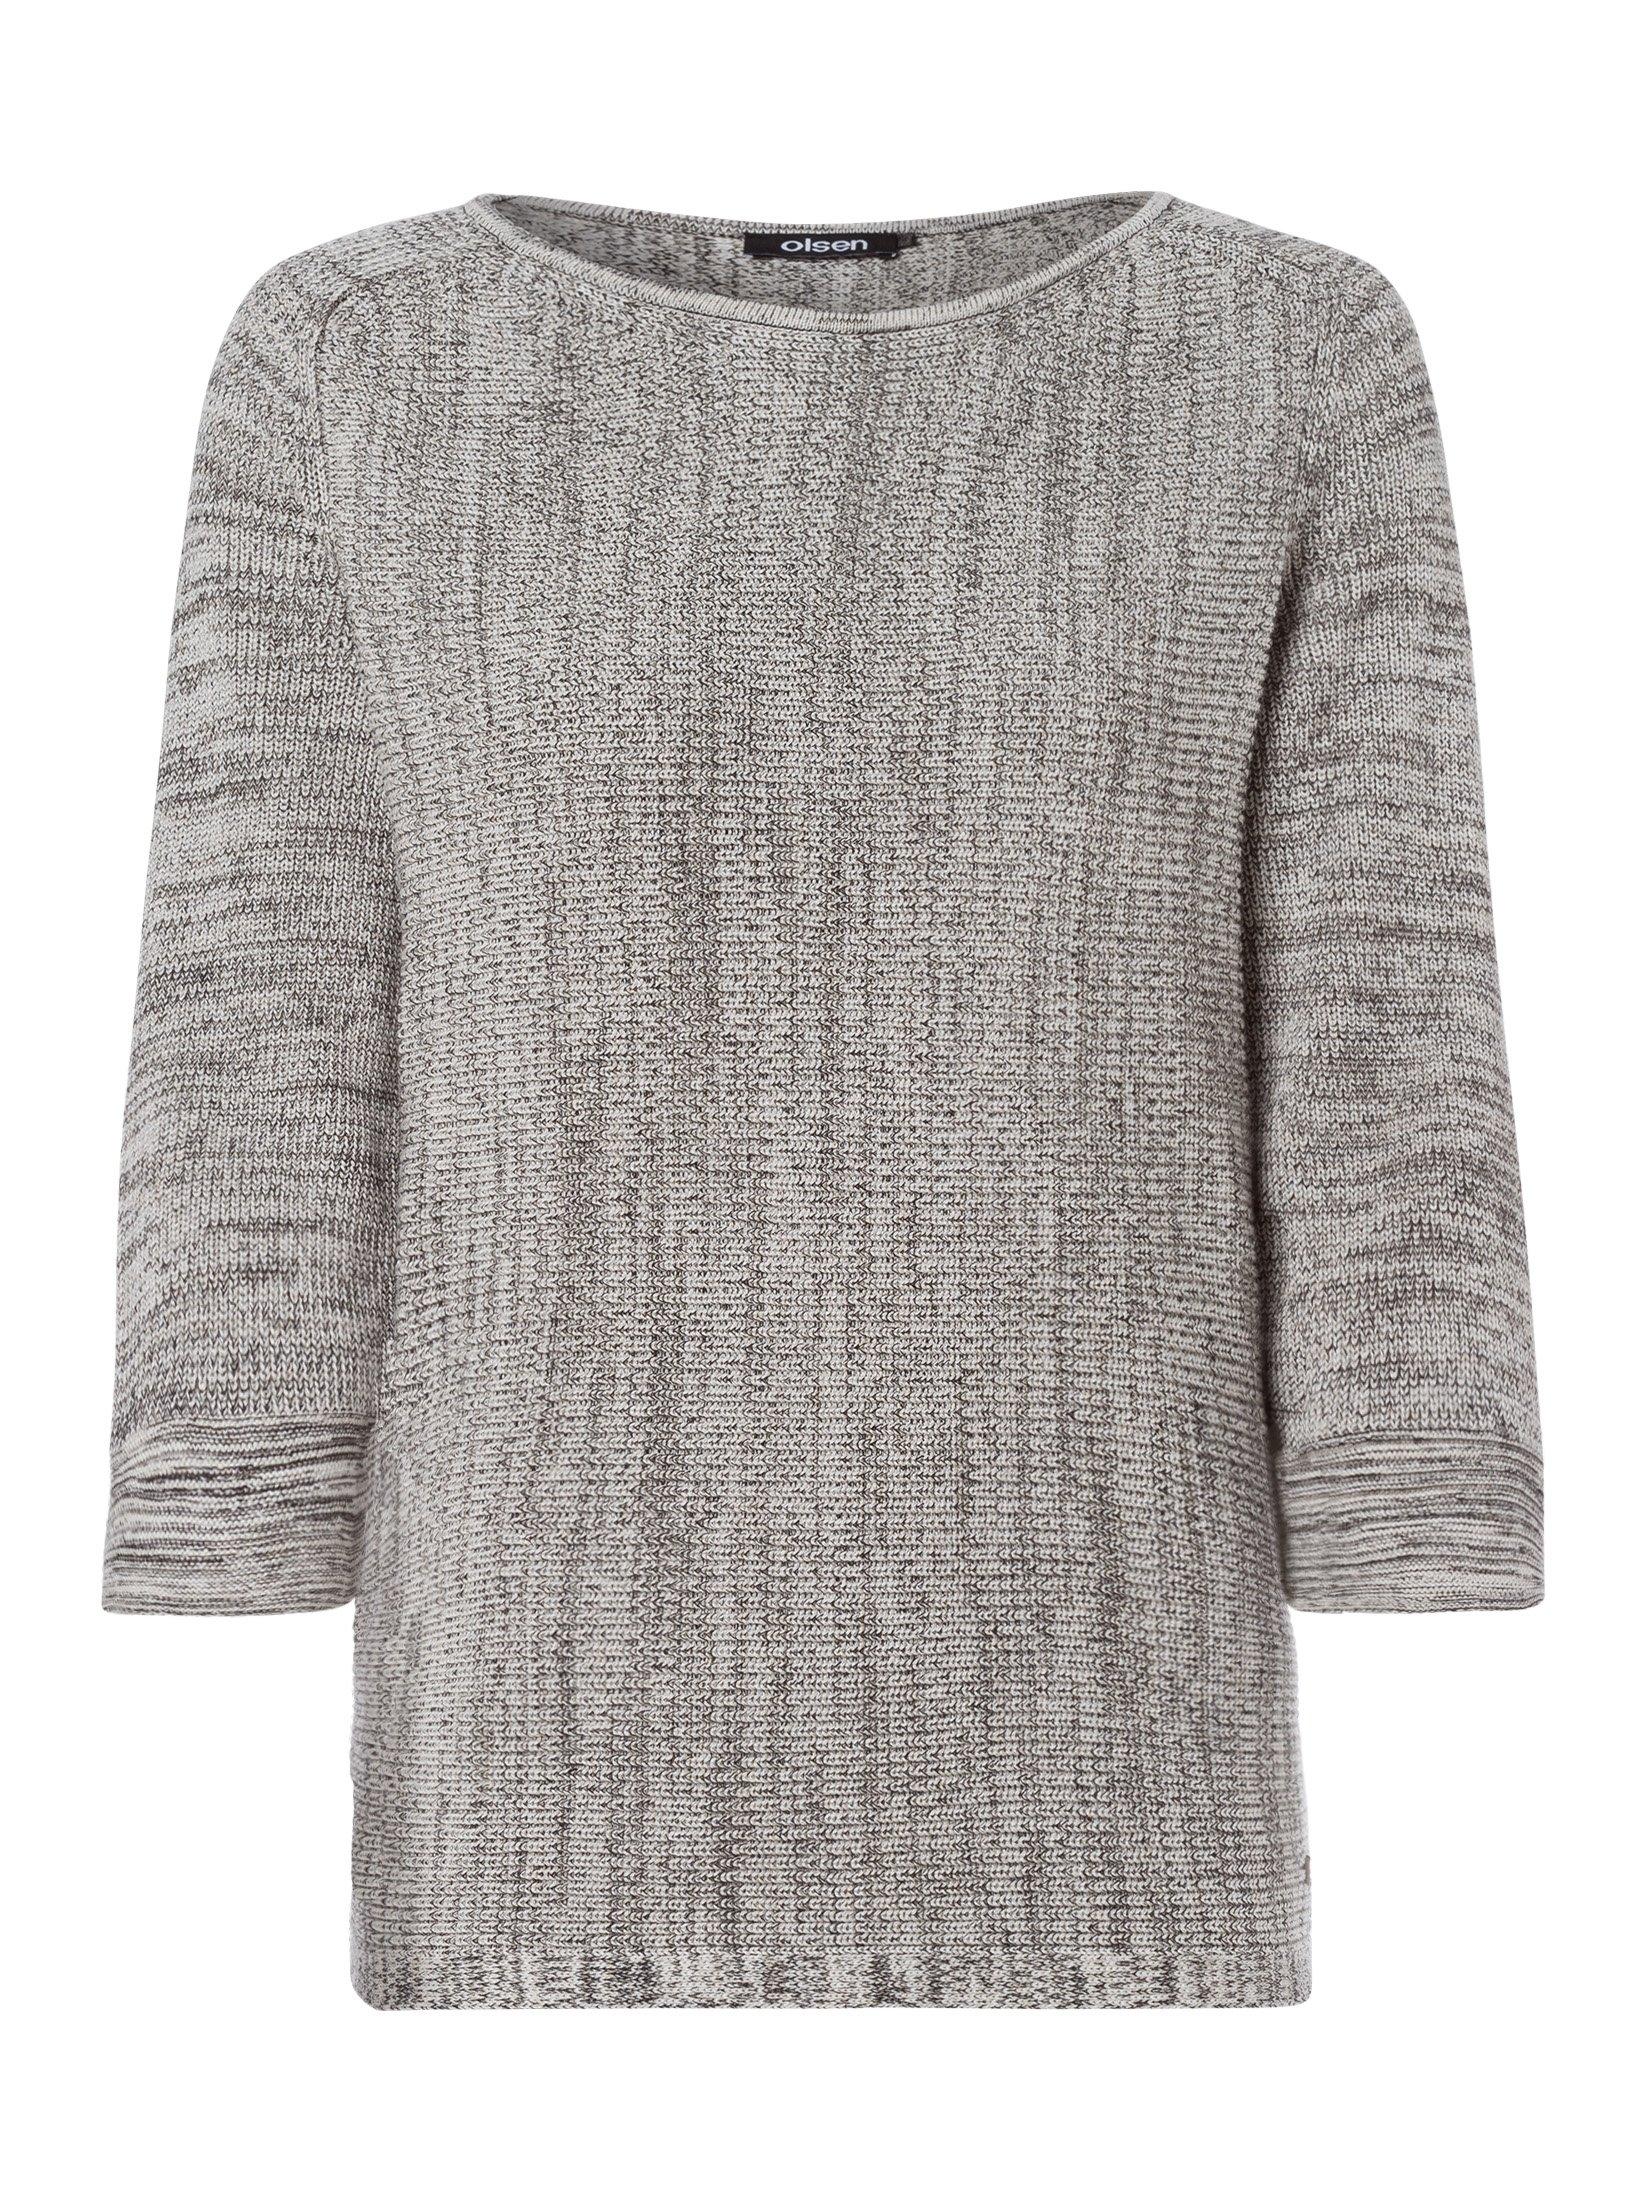 Olsen trui met 3/4-mouwen veilig op otto.nl kopen